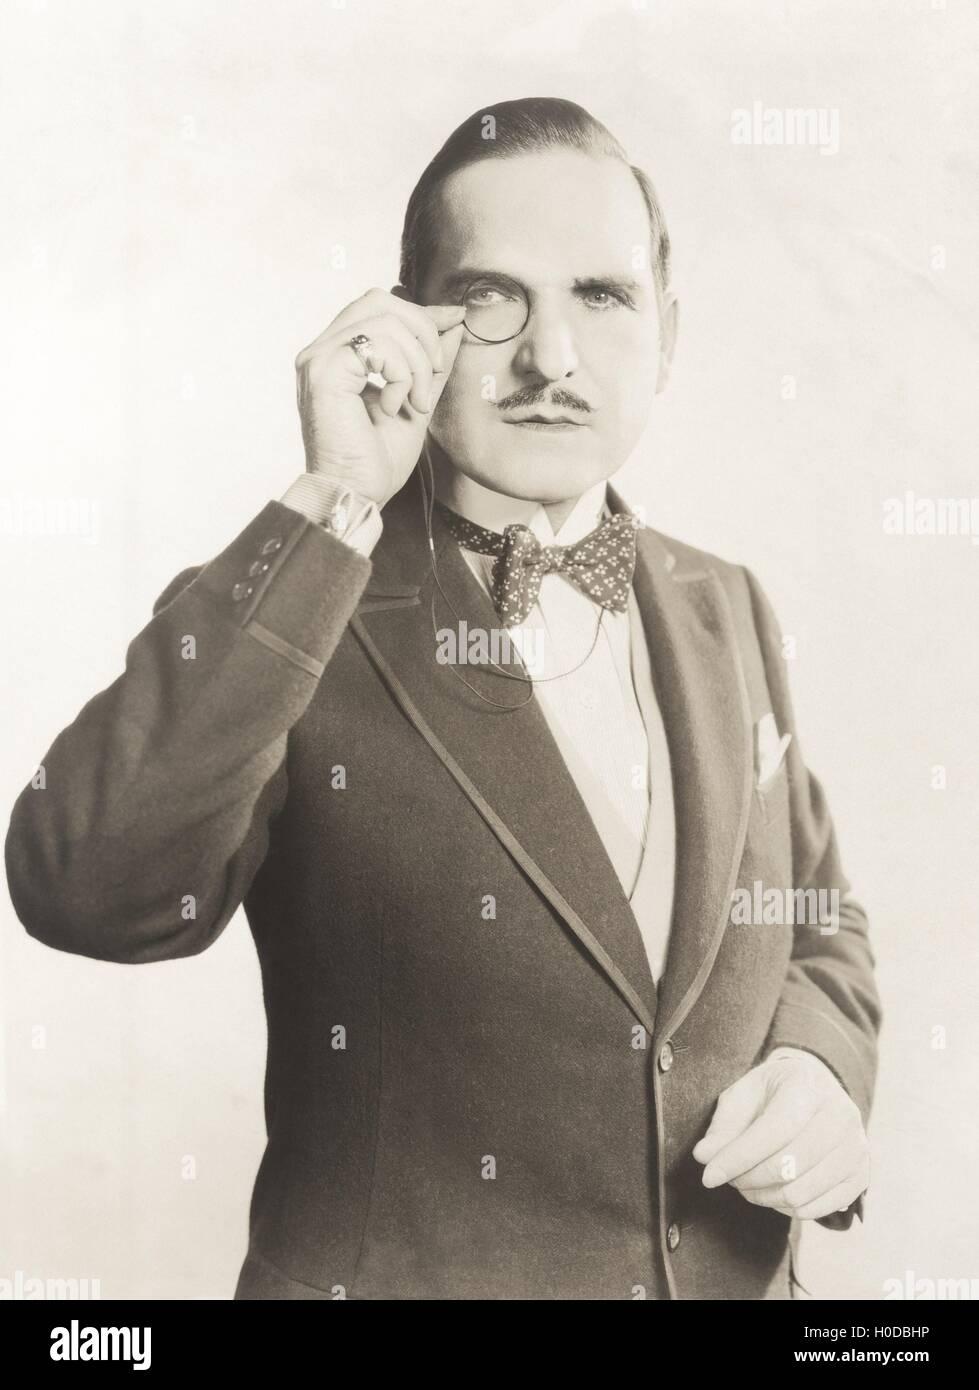 Man peering through monocle - Stock Image